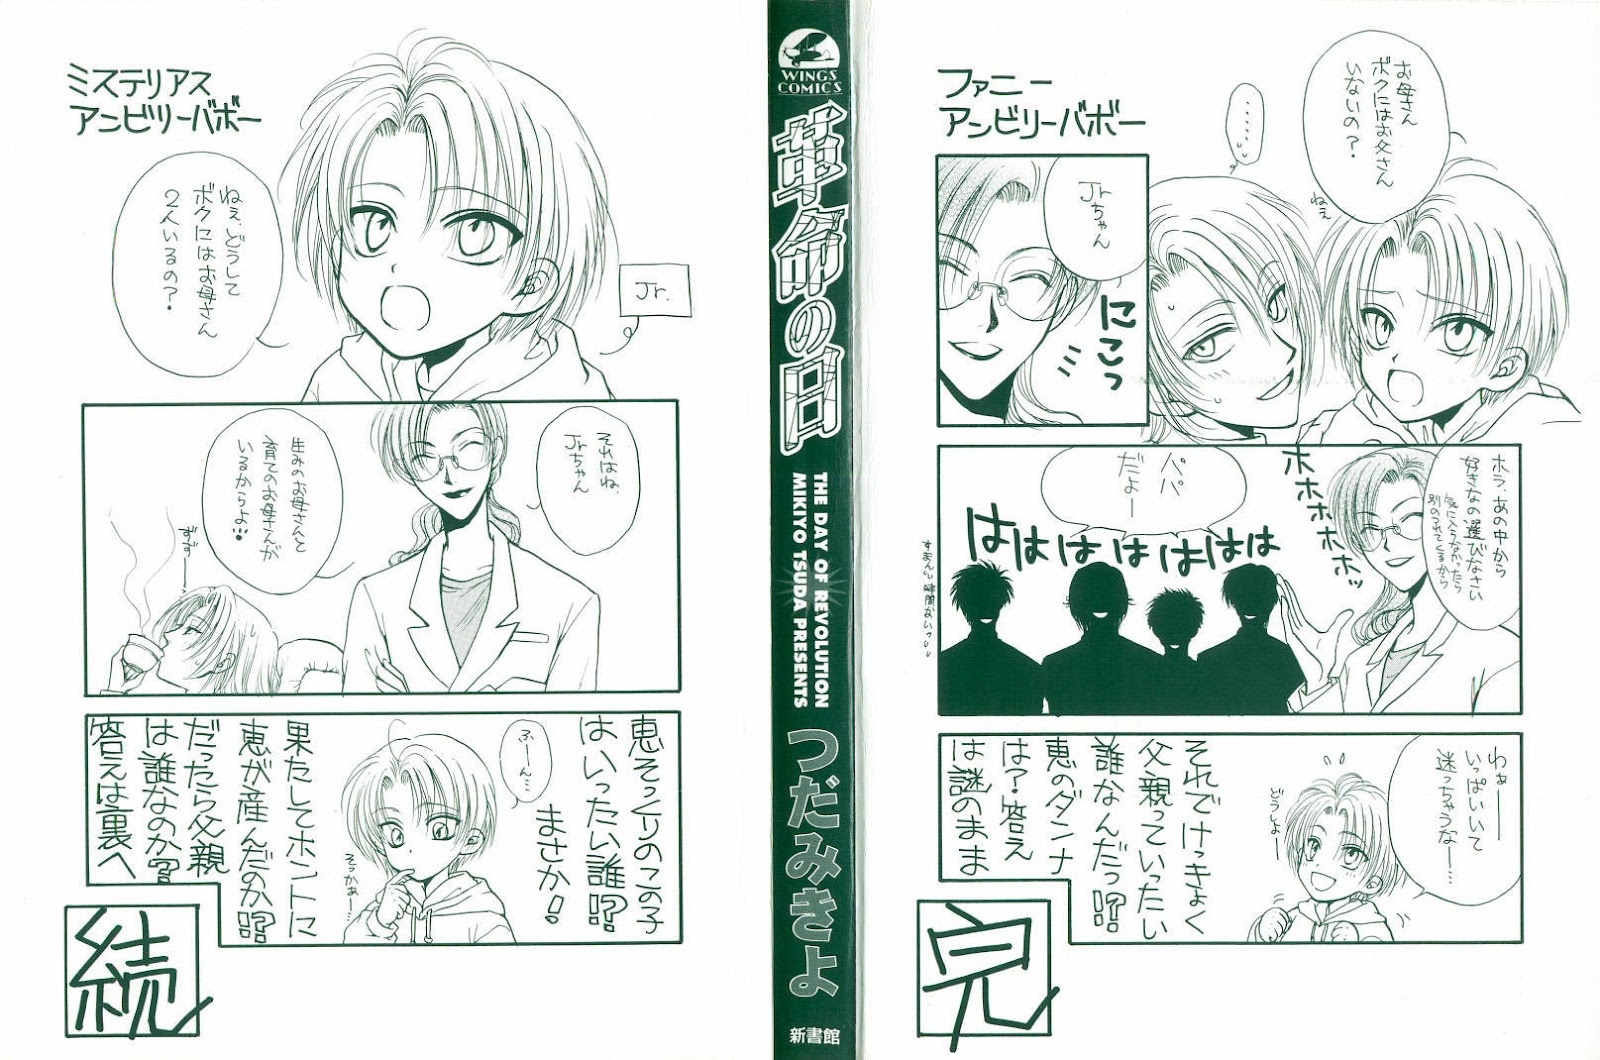 อ่านการ์ตูน Kakumei no Hi 1 ภาพที่ 4